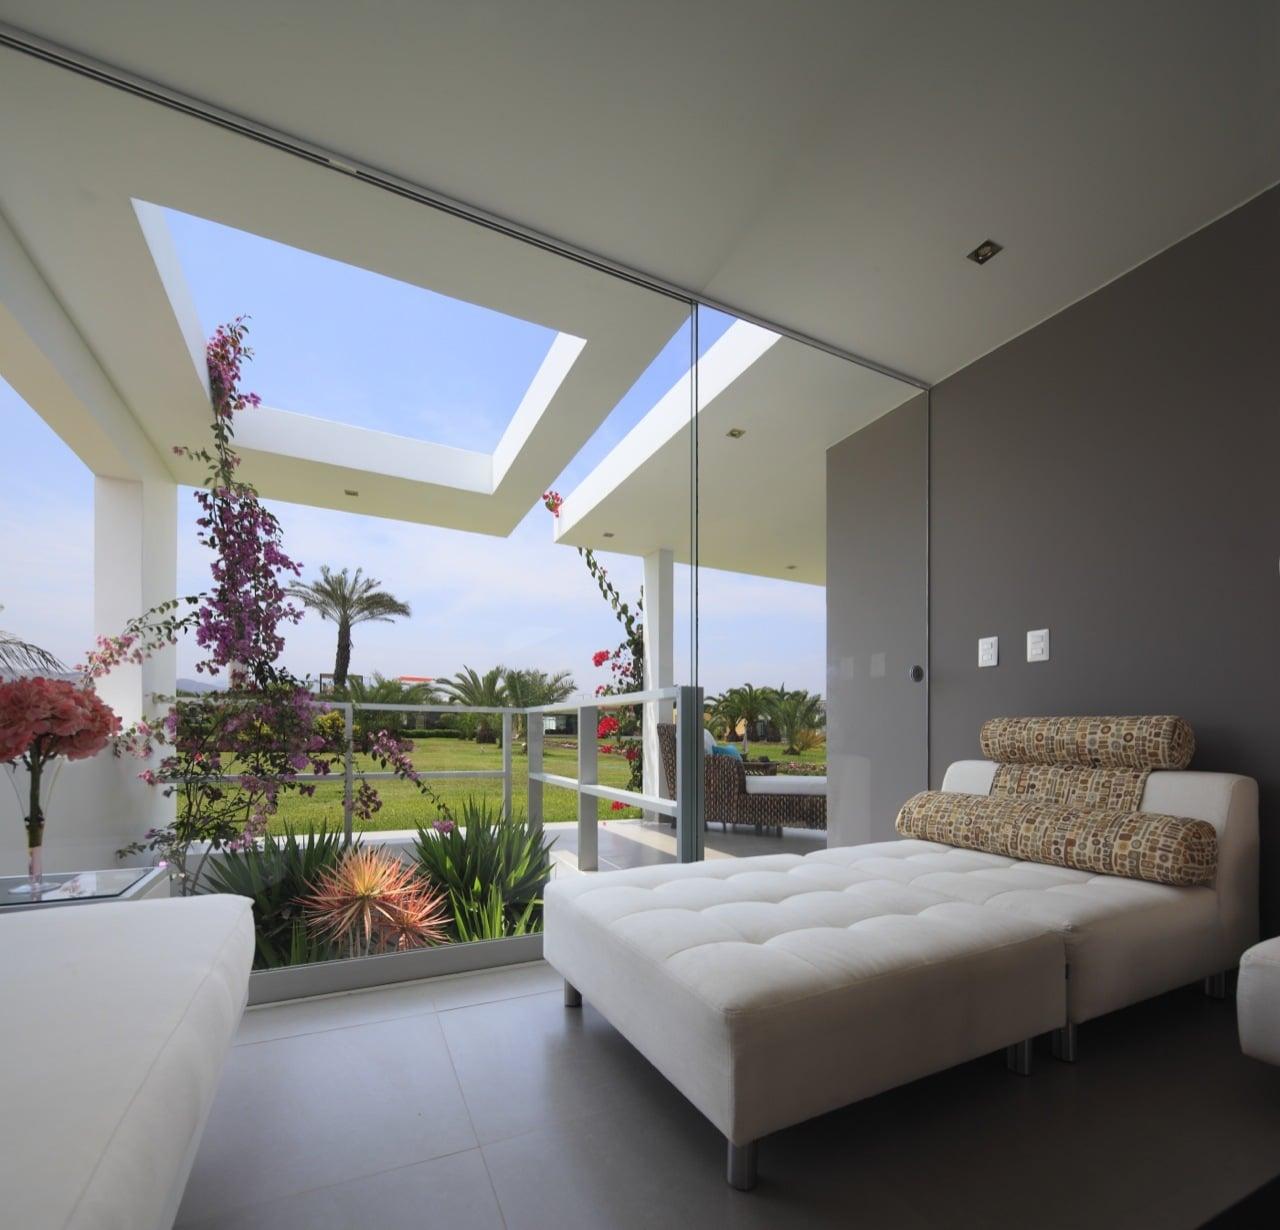 Dise o de casa de una planta con s tano y terraza piscina for Modelo de casa con terraza